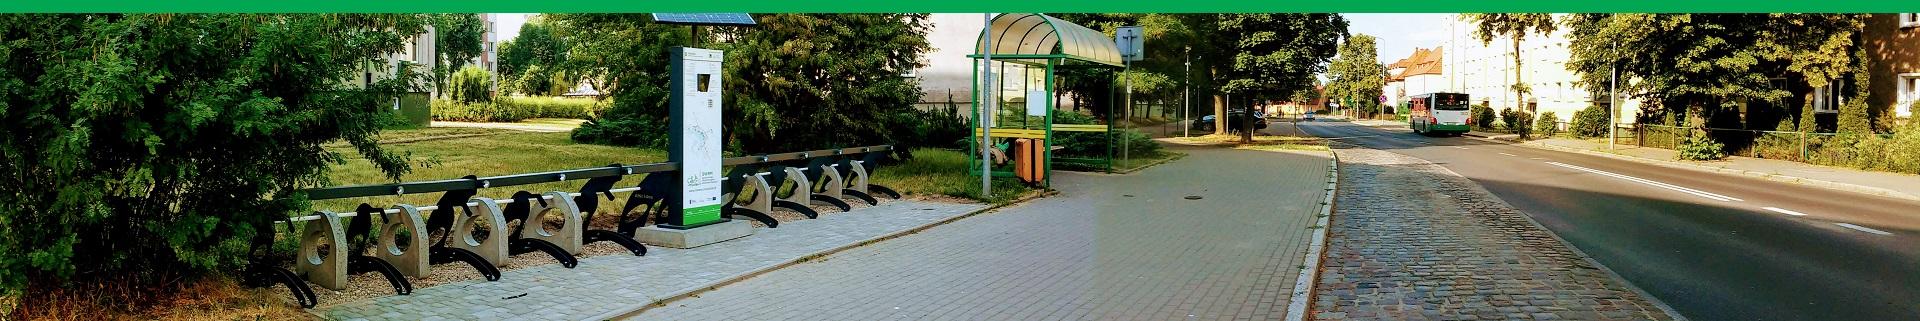 Baner główny 5 stacja pusta SWRM